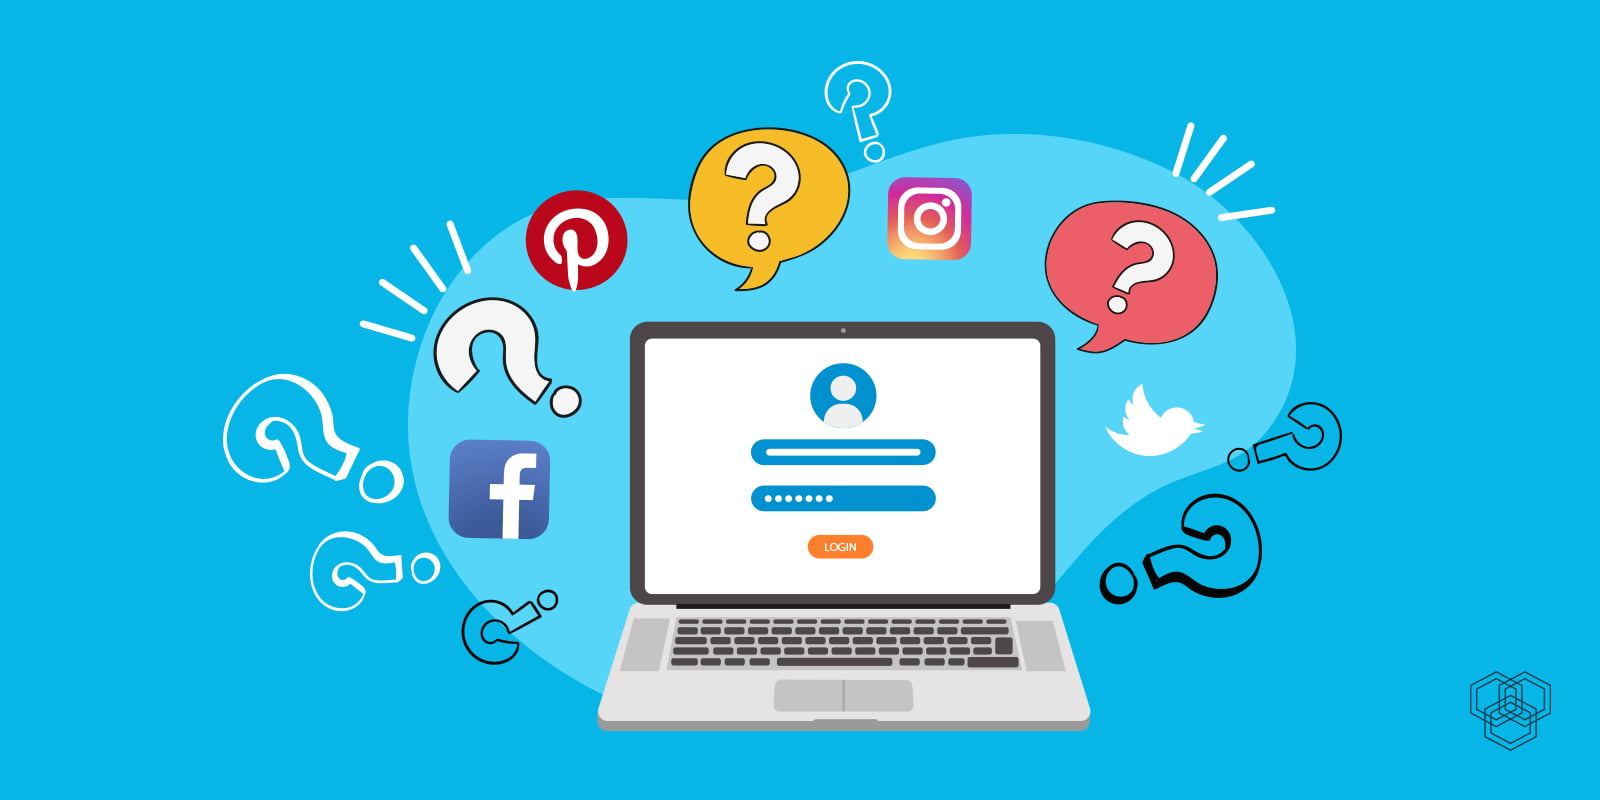 Social login password saver